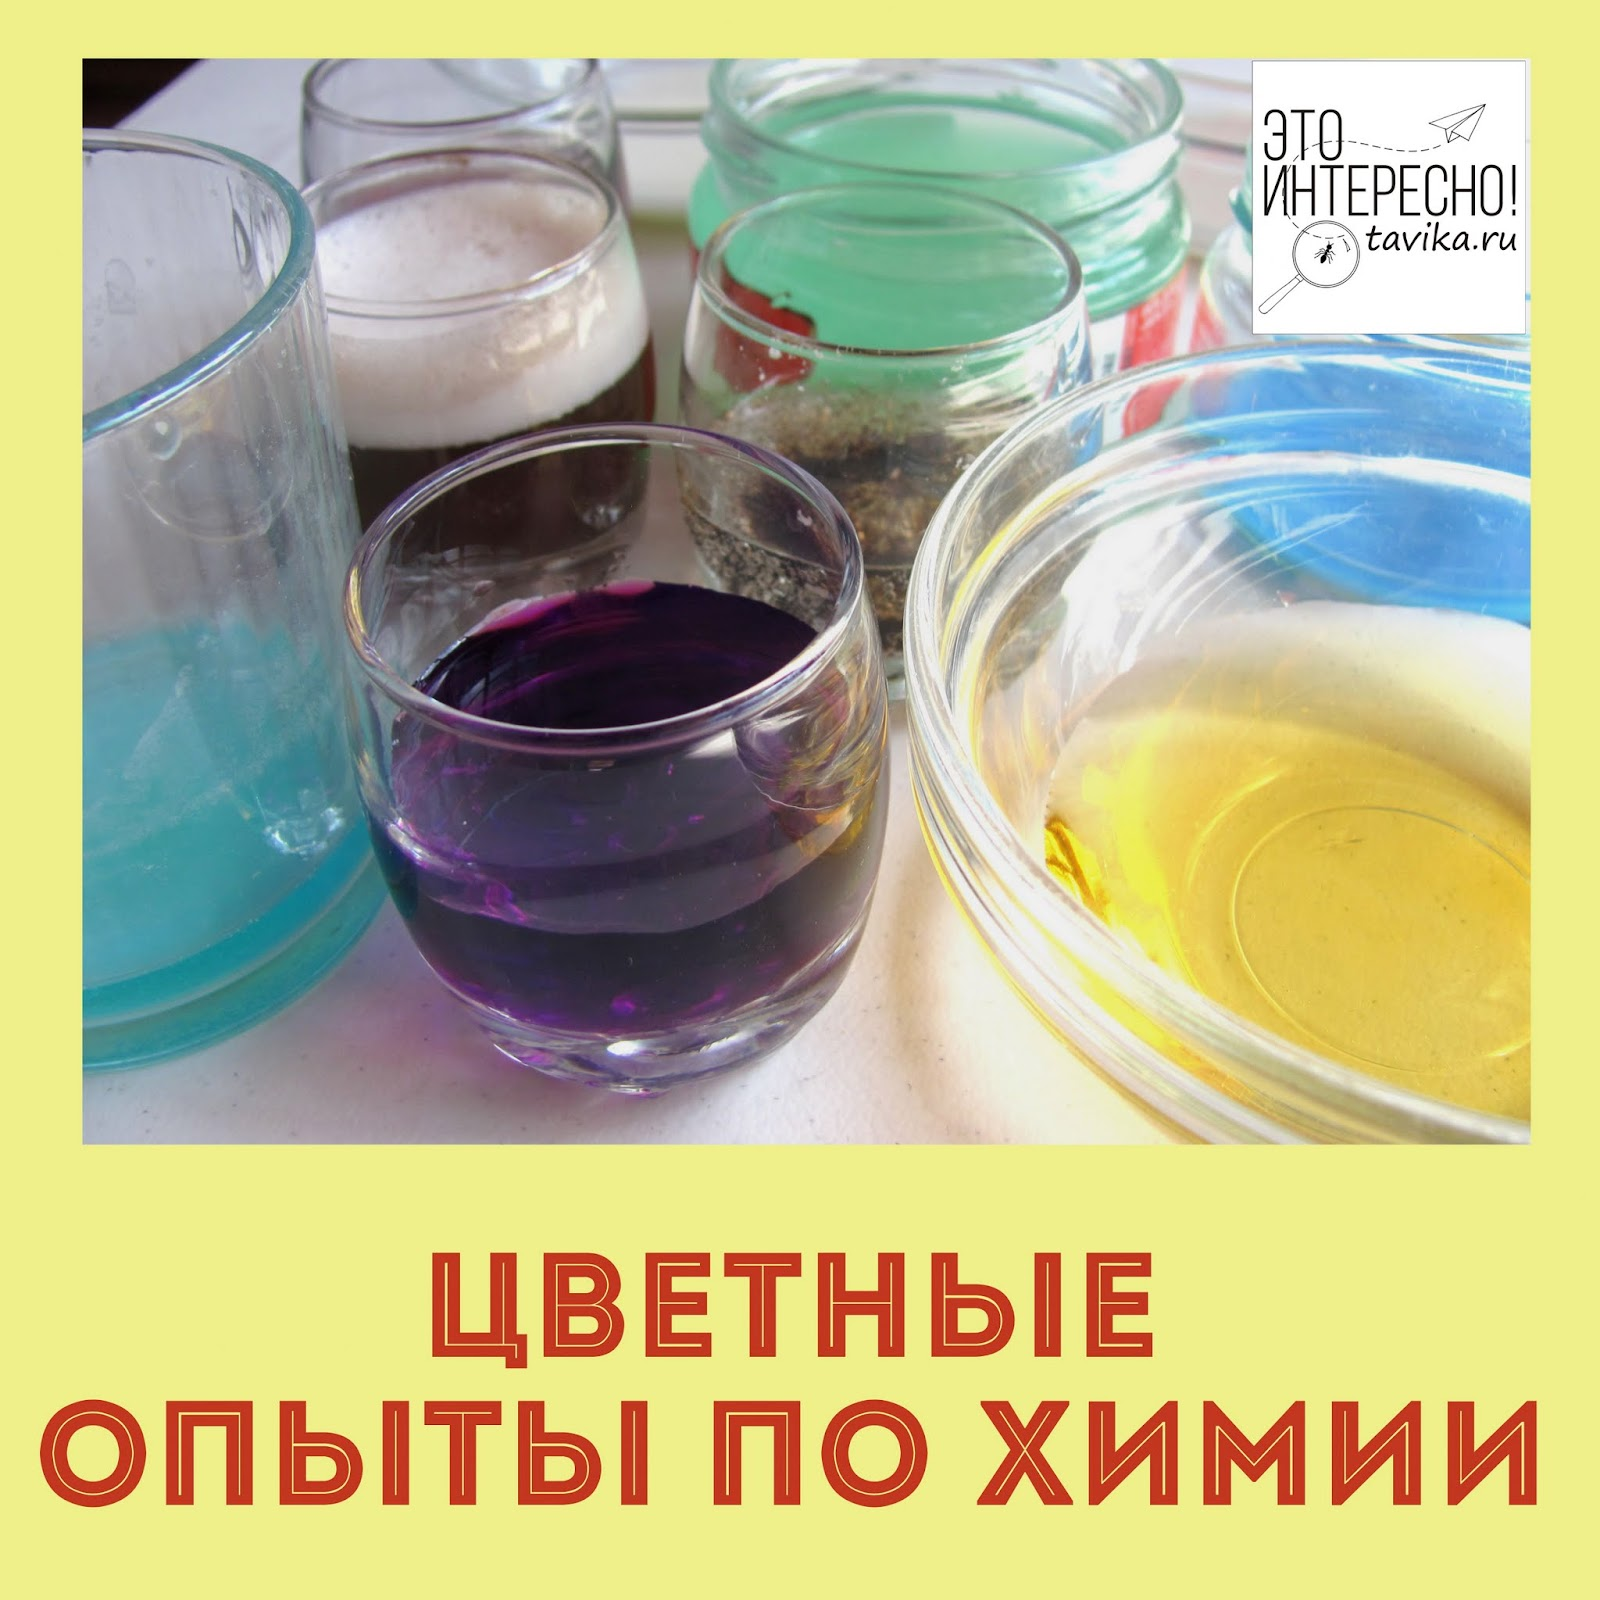 простые химические опыты для детей